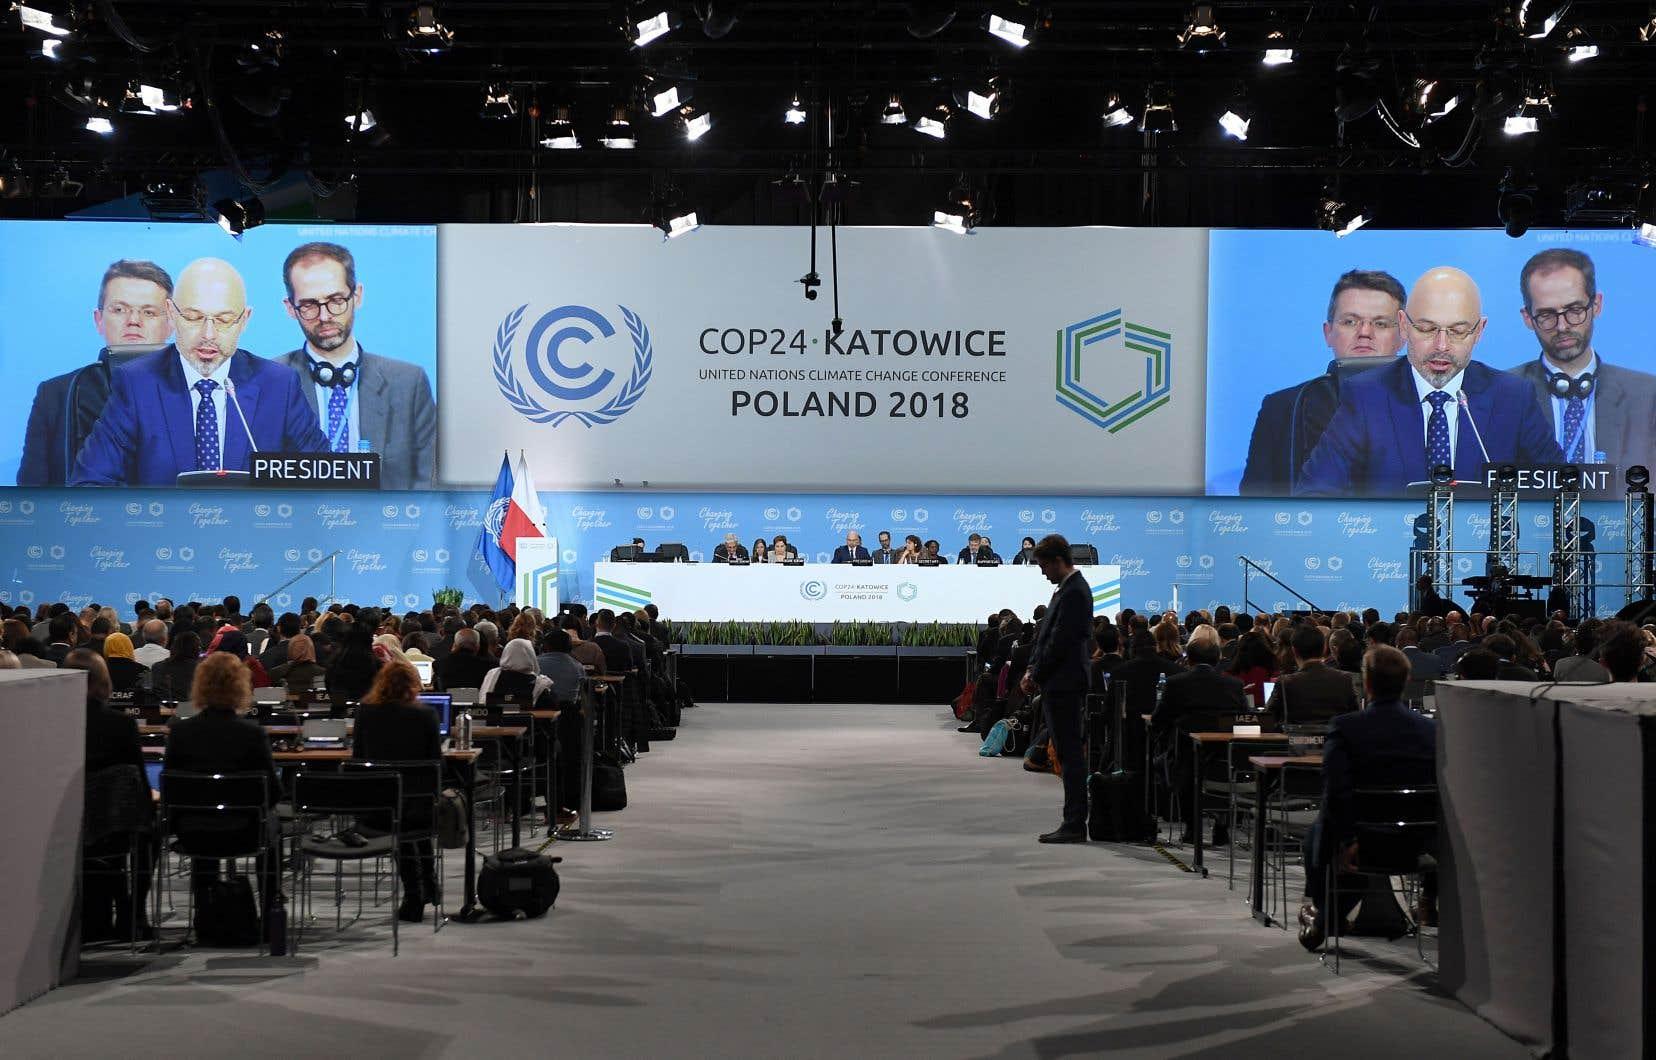 La 24e Conférence des Parties à la Convention-cadre des Nations unies sur les changements climatiques à Katowice, en Pologne, en décembre dernier